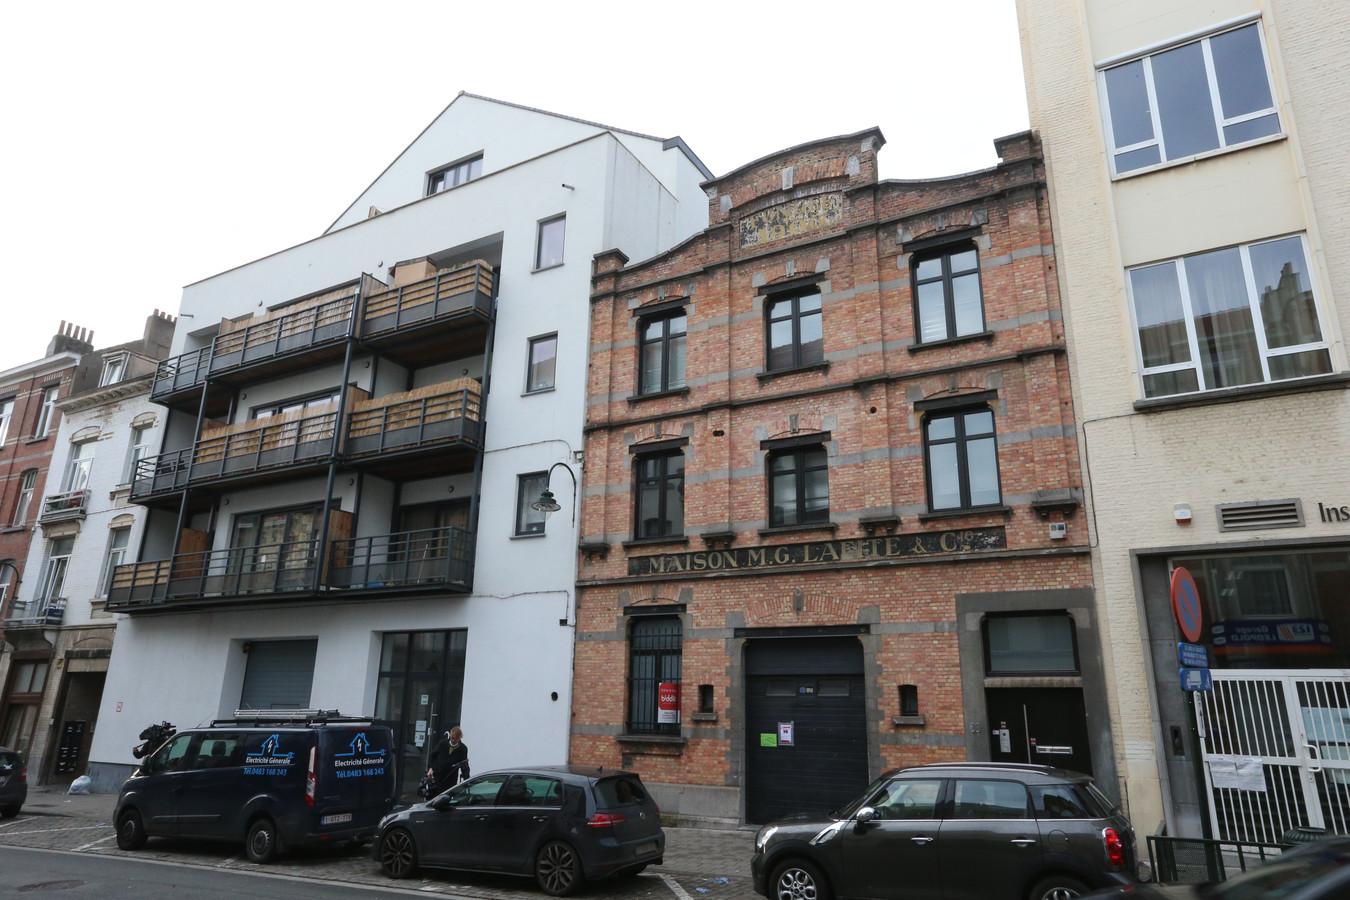 La fête était organisée dans un entrepôt à Laeken, aménagé en bar à chicha et discothèque